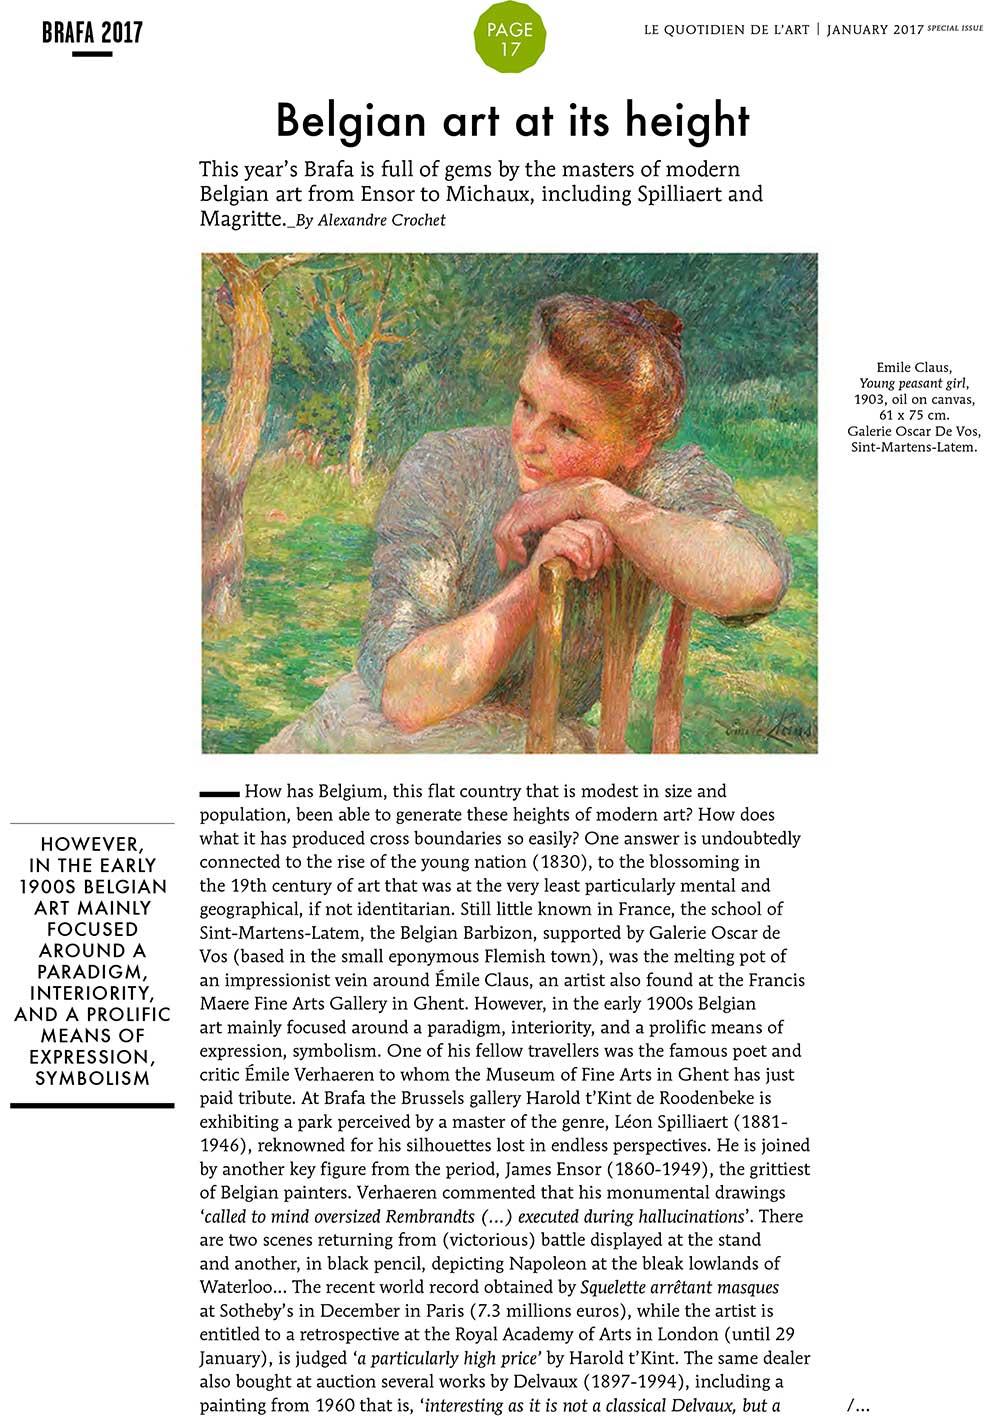 Quotidien-de-l'art-BRAFA-2018-Galerie-AB-Paris-expertises-et-estimations-d'oeuvres-d'art-et-de-tableaux-2